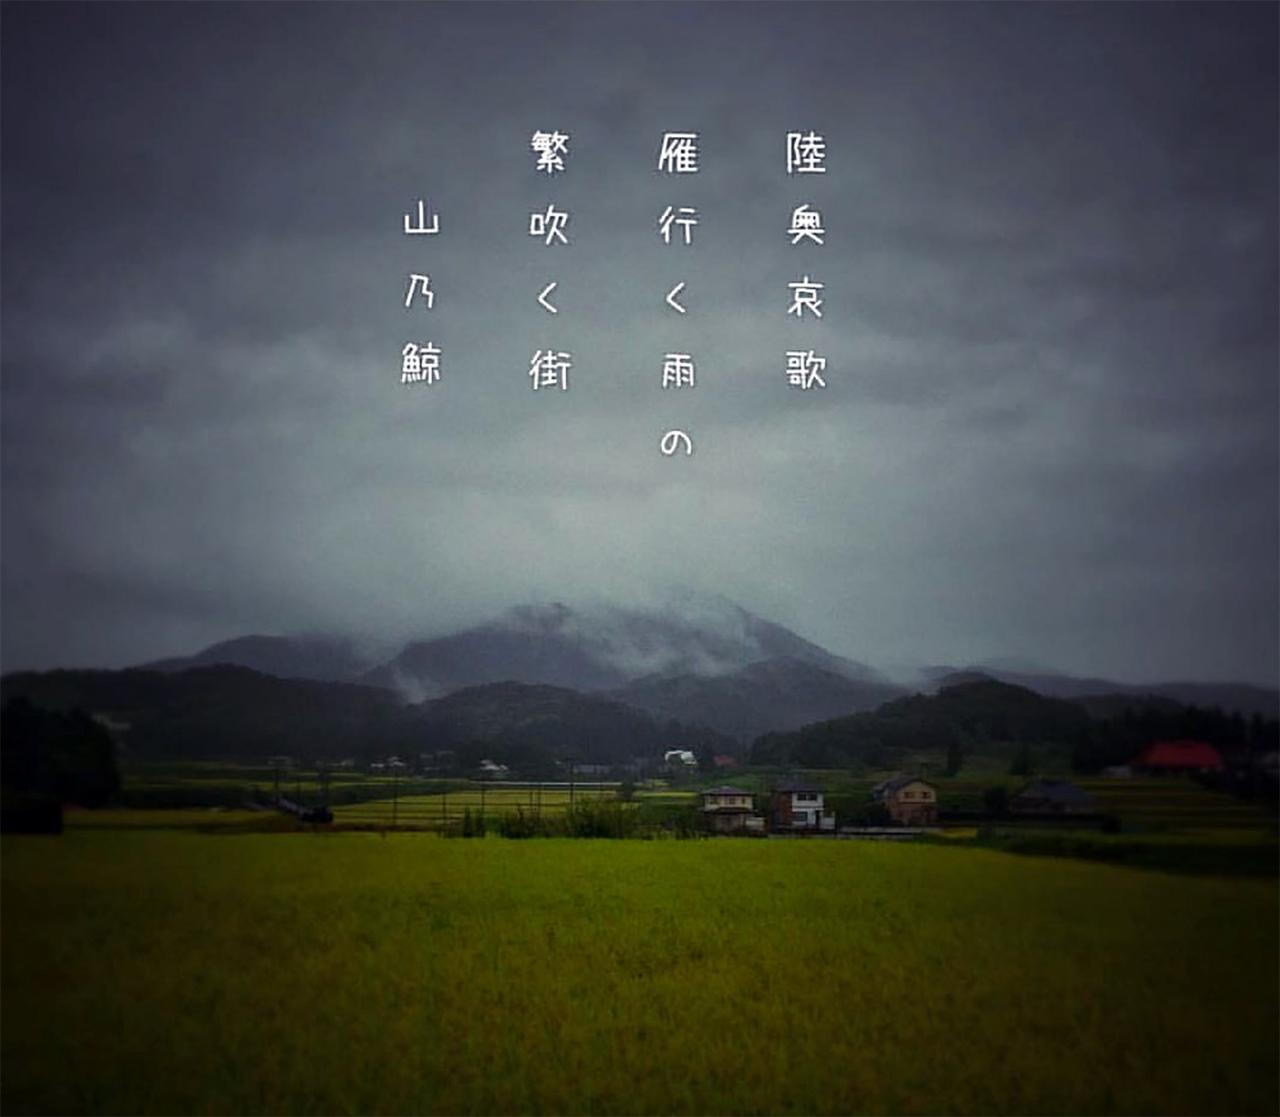 Haiku in Japans